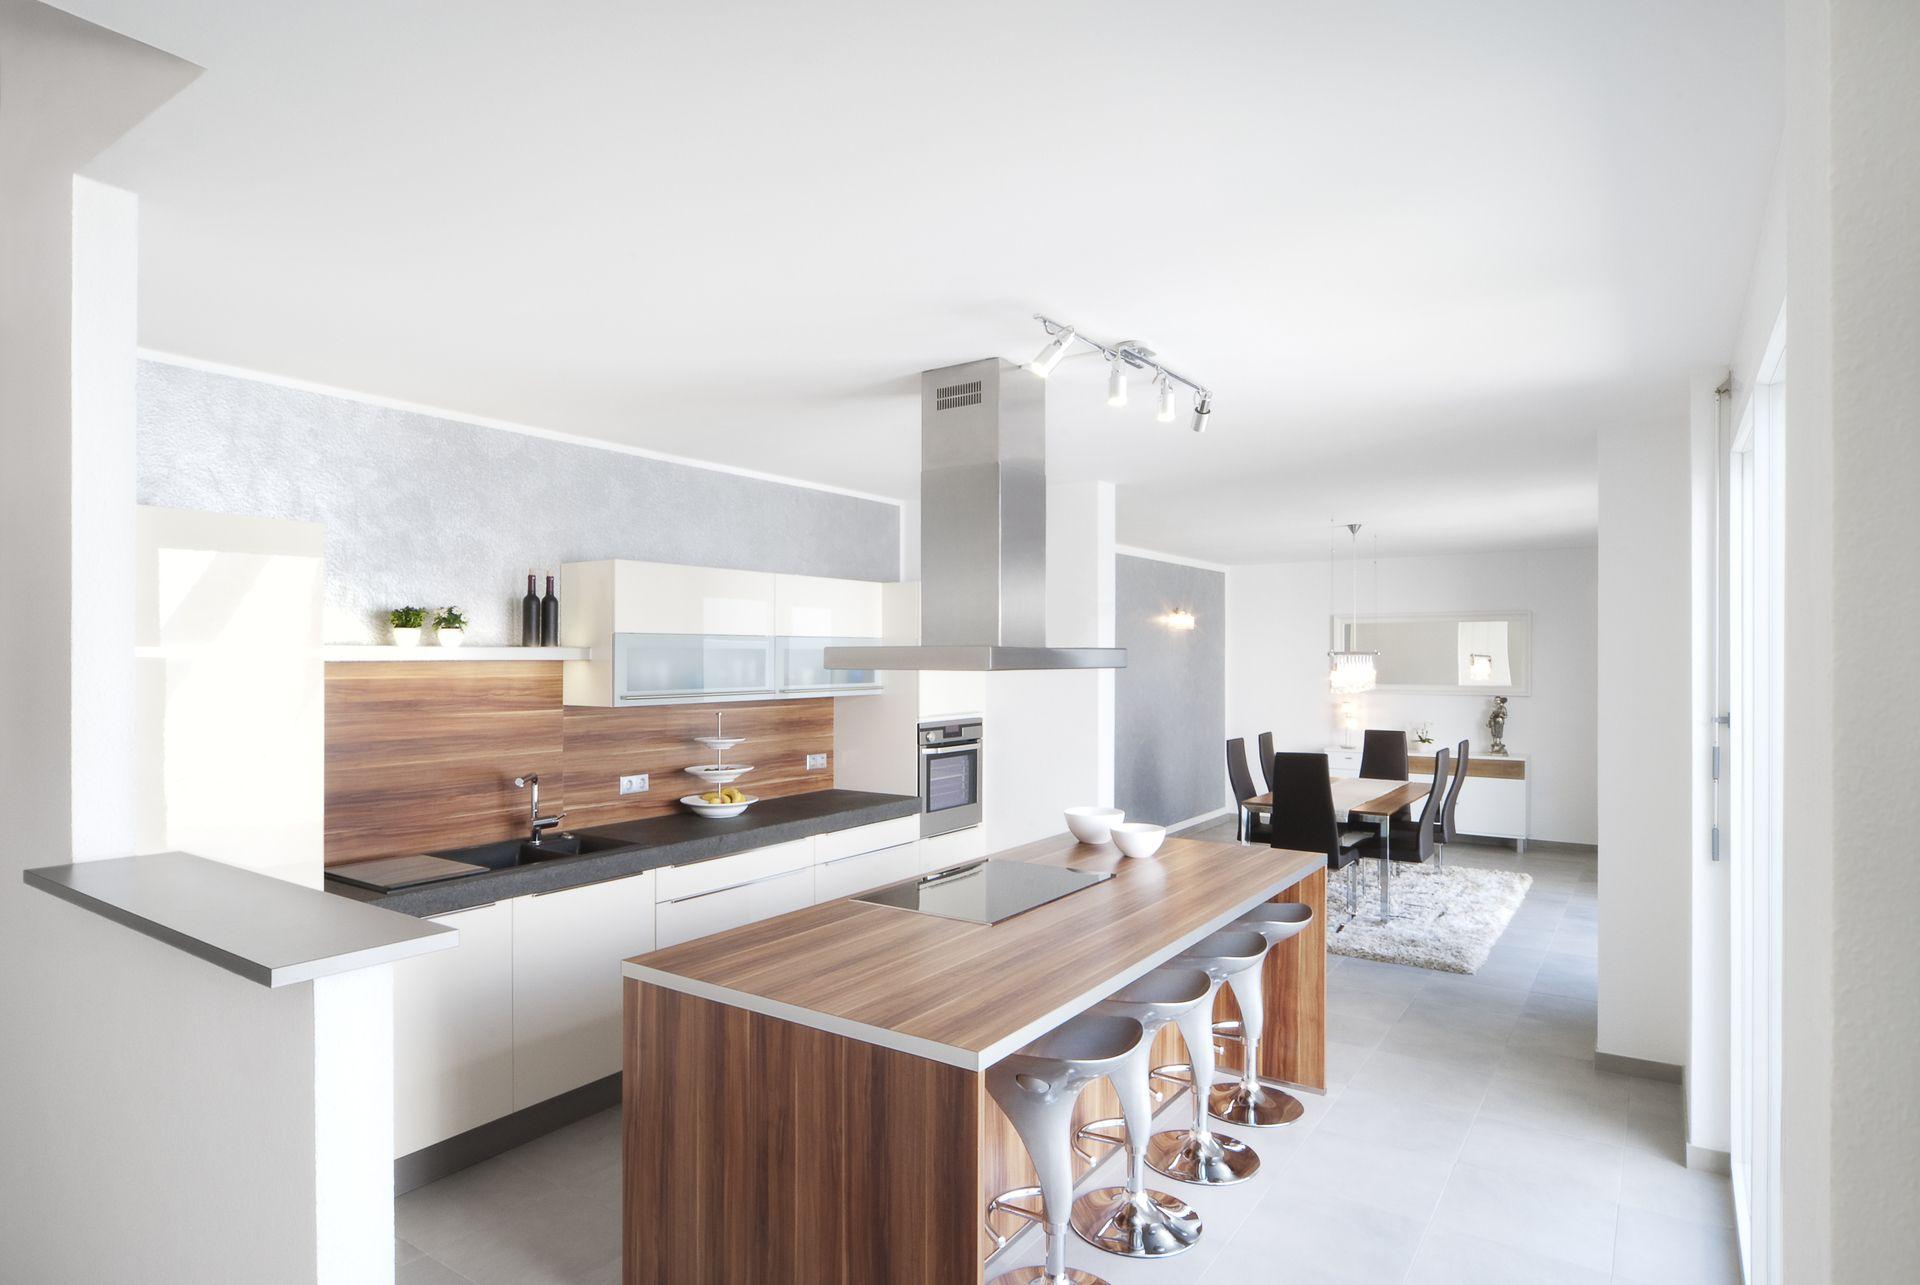 Küche mit Essplatz und Esszimmer   bauemotion.de